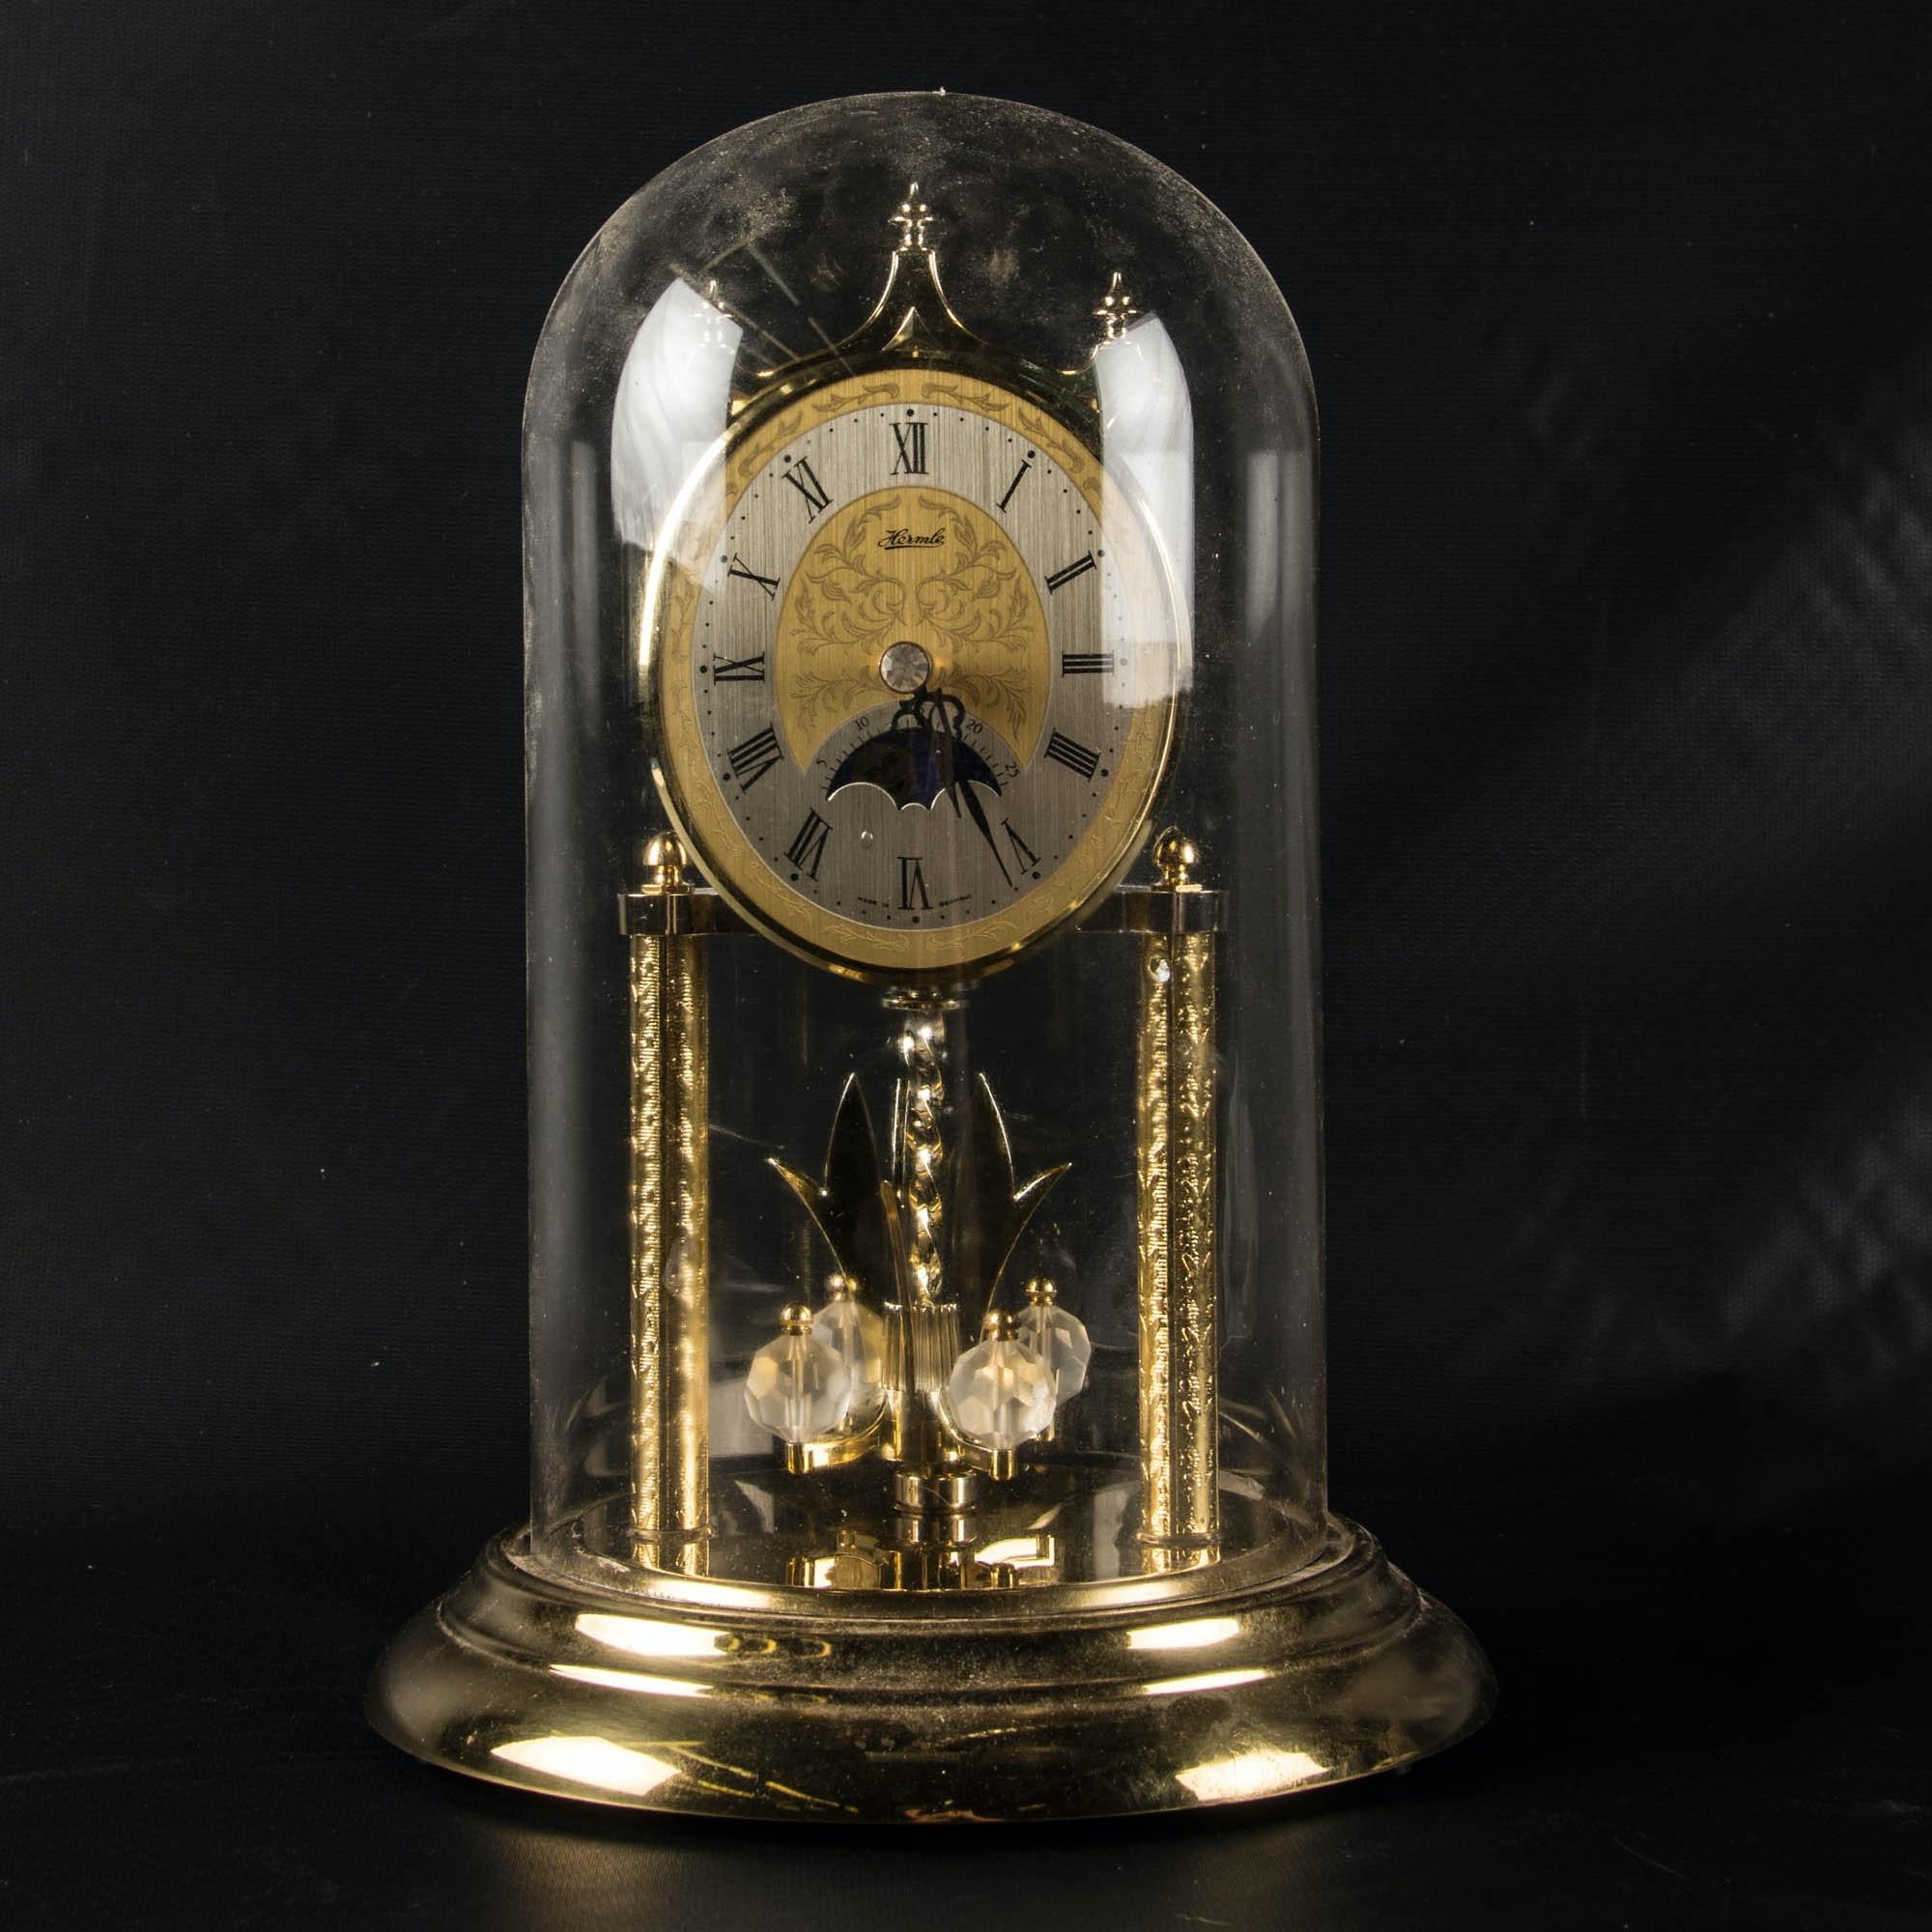 hermle anniversary clock 1x1 - Anniversary Clock